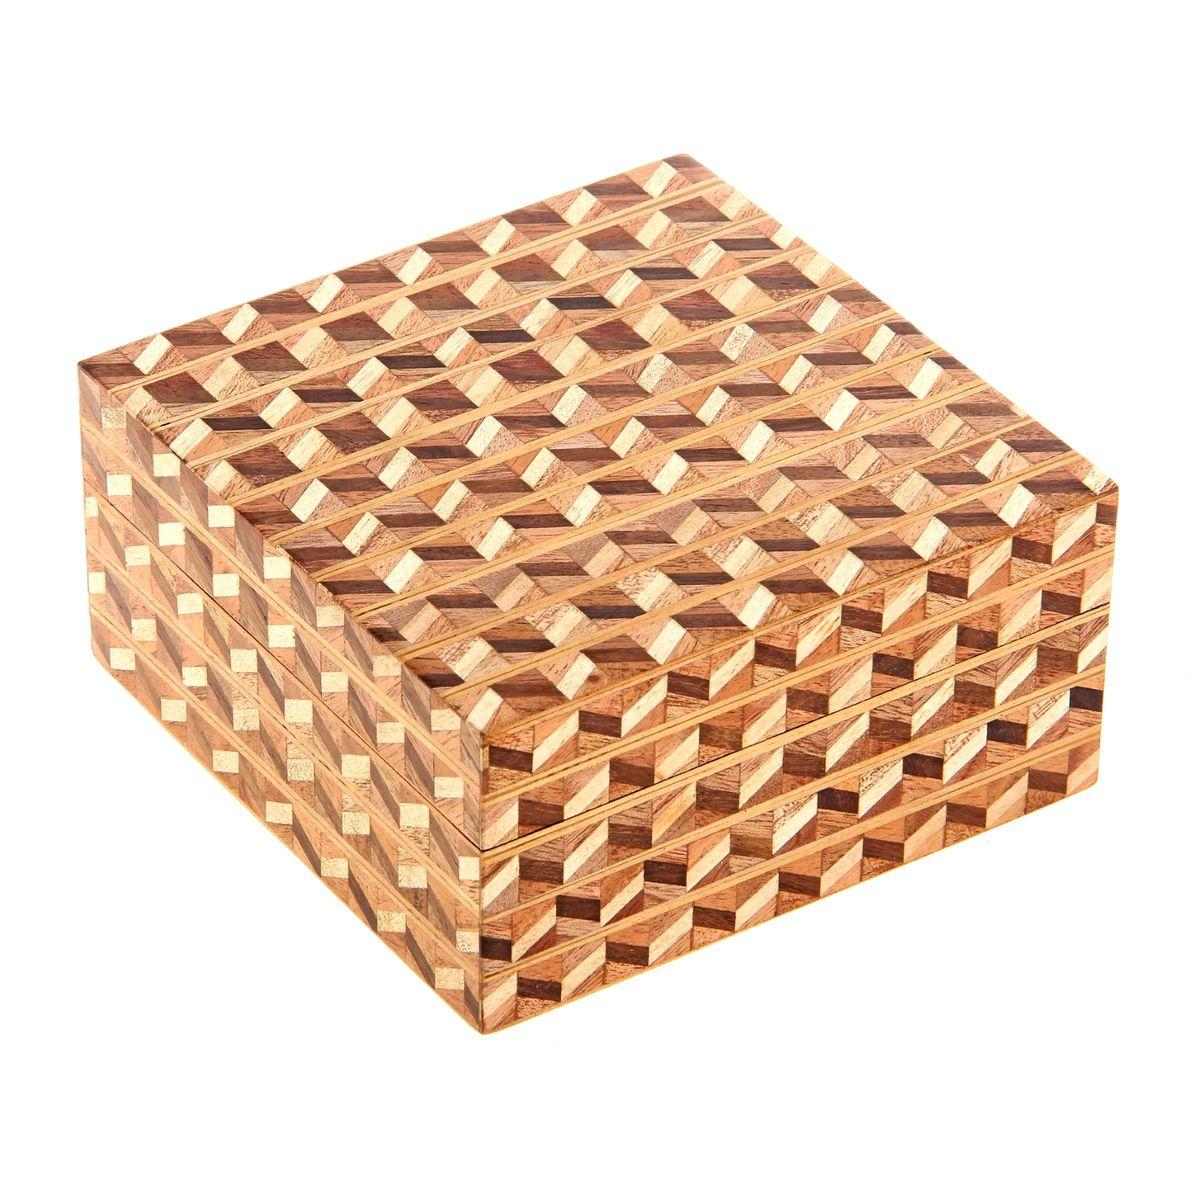 Шкатулка Sima-land Паркет, 13 см х 13 см х 6,5 смRG-D31SШкатулка Sima-land Паркет изготовлена из дерева - натурального материала, словно пропитанного теплом яркого солнца. Изделие украшено узором. Внутри одно отделение. Такая шкатулка - не простой сувенир. Ее функция не только декоративная, но и сугубо практическая - служить удобным и надежным местом для хранения самых разных мелочей. Разумеется, особо неравнодушны к этим элегантным предметам интерьера женщины. Мастерицы кладут в шкатулки швейные и рукодельные принадлежности. Модницы и светские львицы - любимые украшения и аксессуары. И, конечно, многие представительницы прекрасного пола хранят в шкатулках, убранных в укромный уголок, какие-то памятные знаки: фотографии, старые письма, сувениры, напоминающие о важных событиях и особо счастливых моментах, сухие лепестки роз и другие небольшие сокровища.